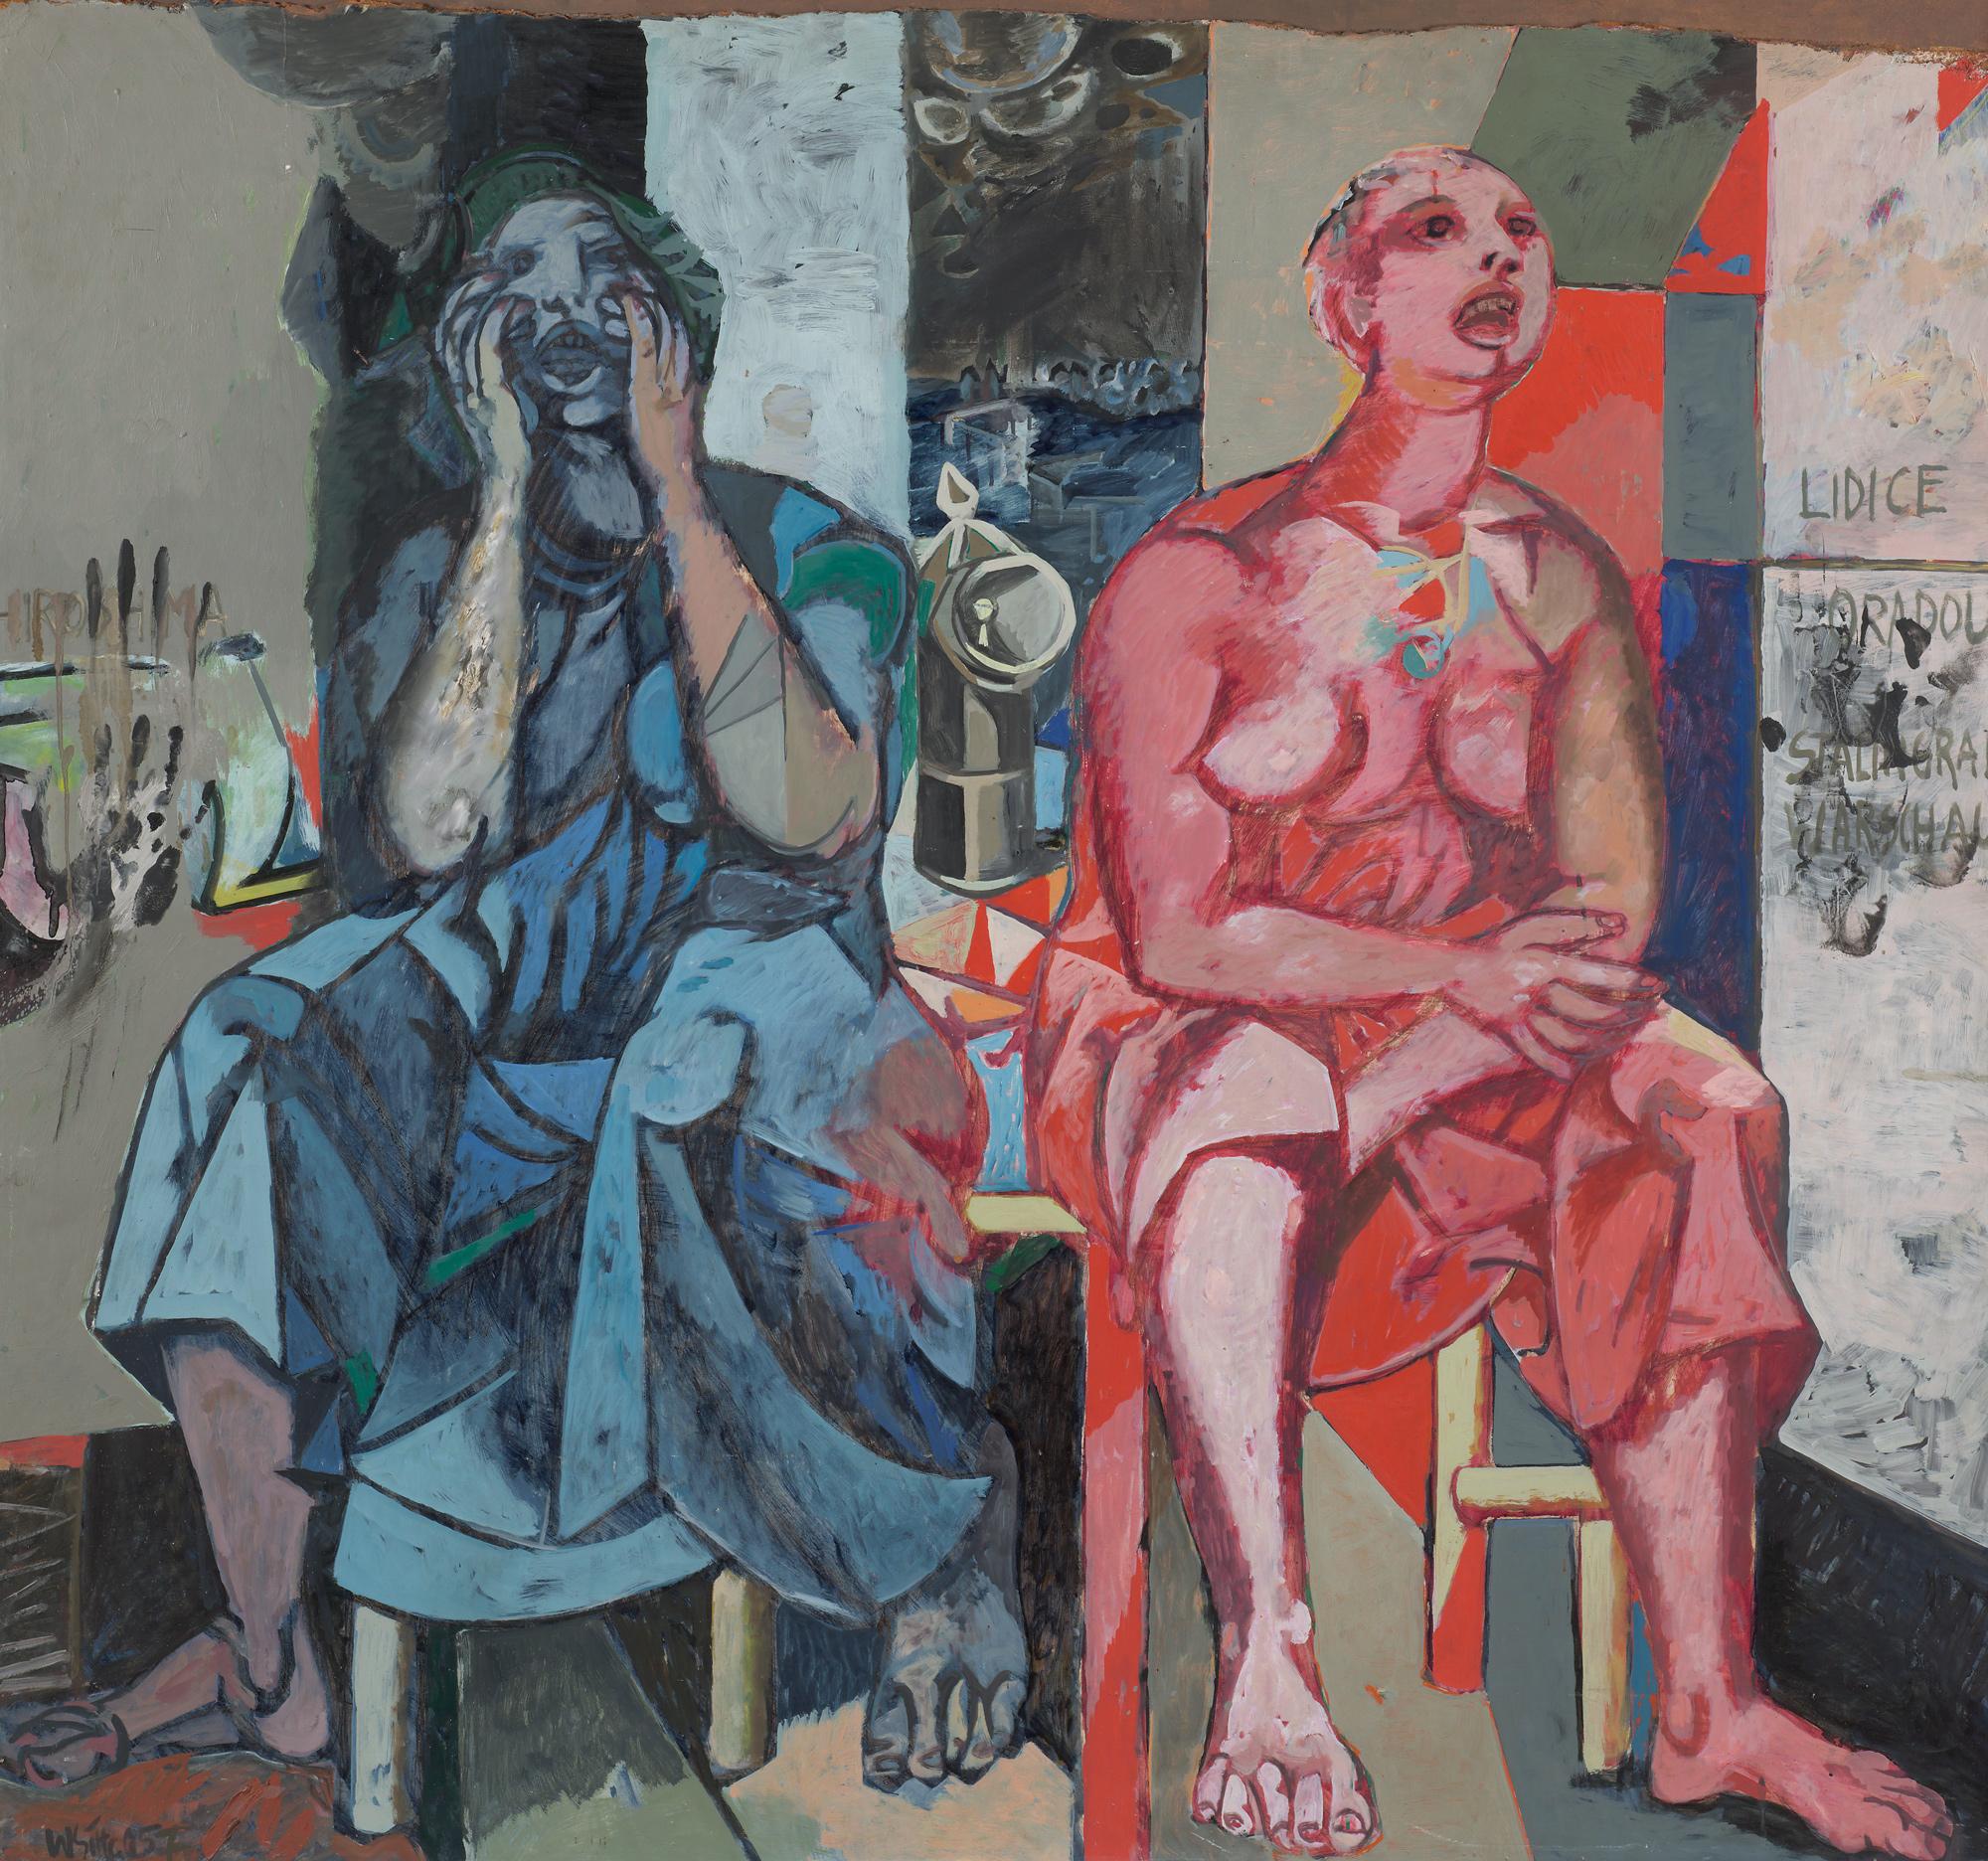 """Willi Sitte Rufende Frauen (Studie zu """"Lidice"""") 1957 Öl auf Hartfaser 155 x 162 cm Willi-Sitte-Stiftung © VG Bild-Kunst, Bonn 2018 Foto: Galerie Schwind Leipzig"""